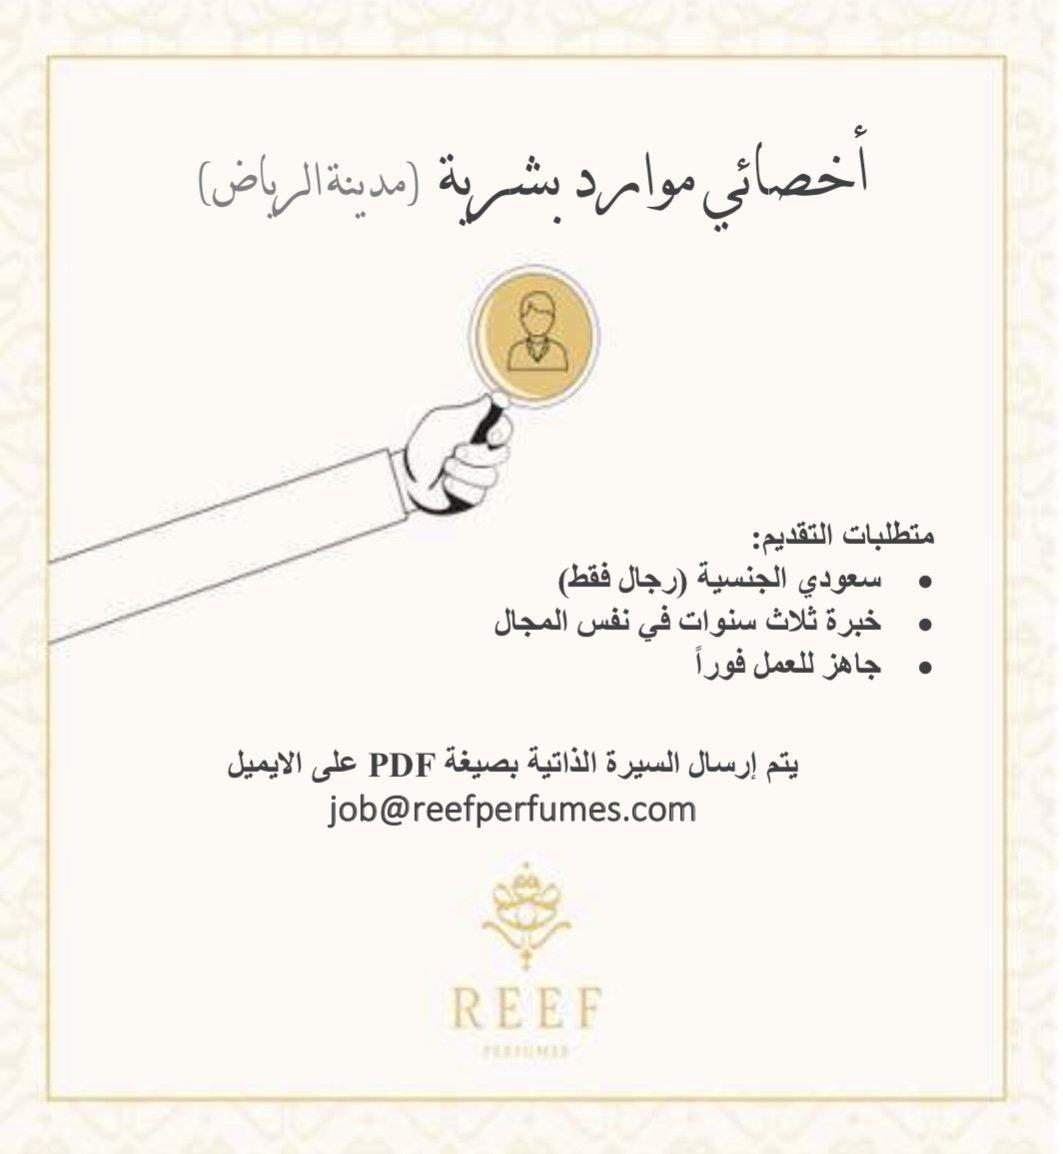 مطلوب ( أخصائي موارد بشرية ) فى مدينة #الرياض